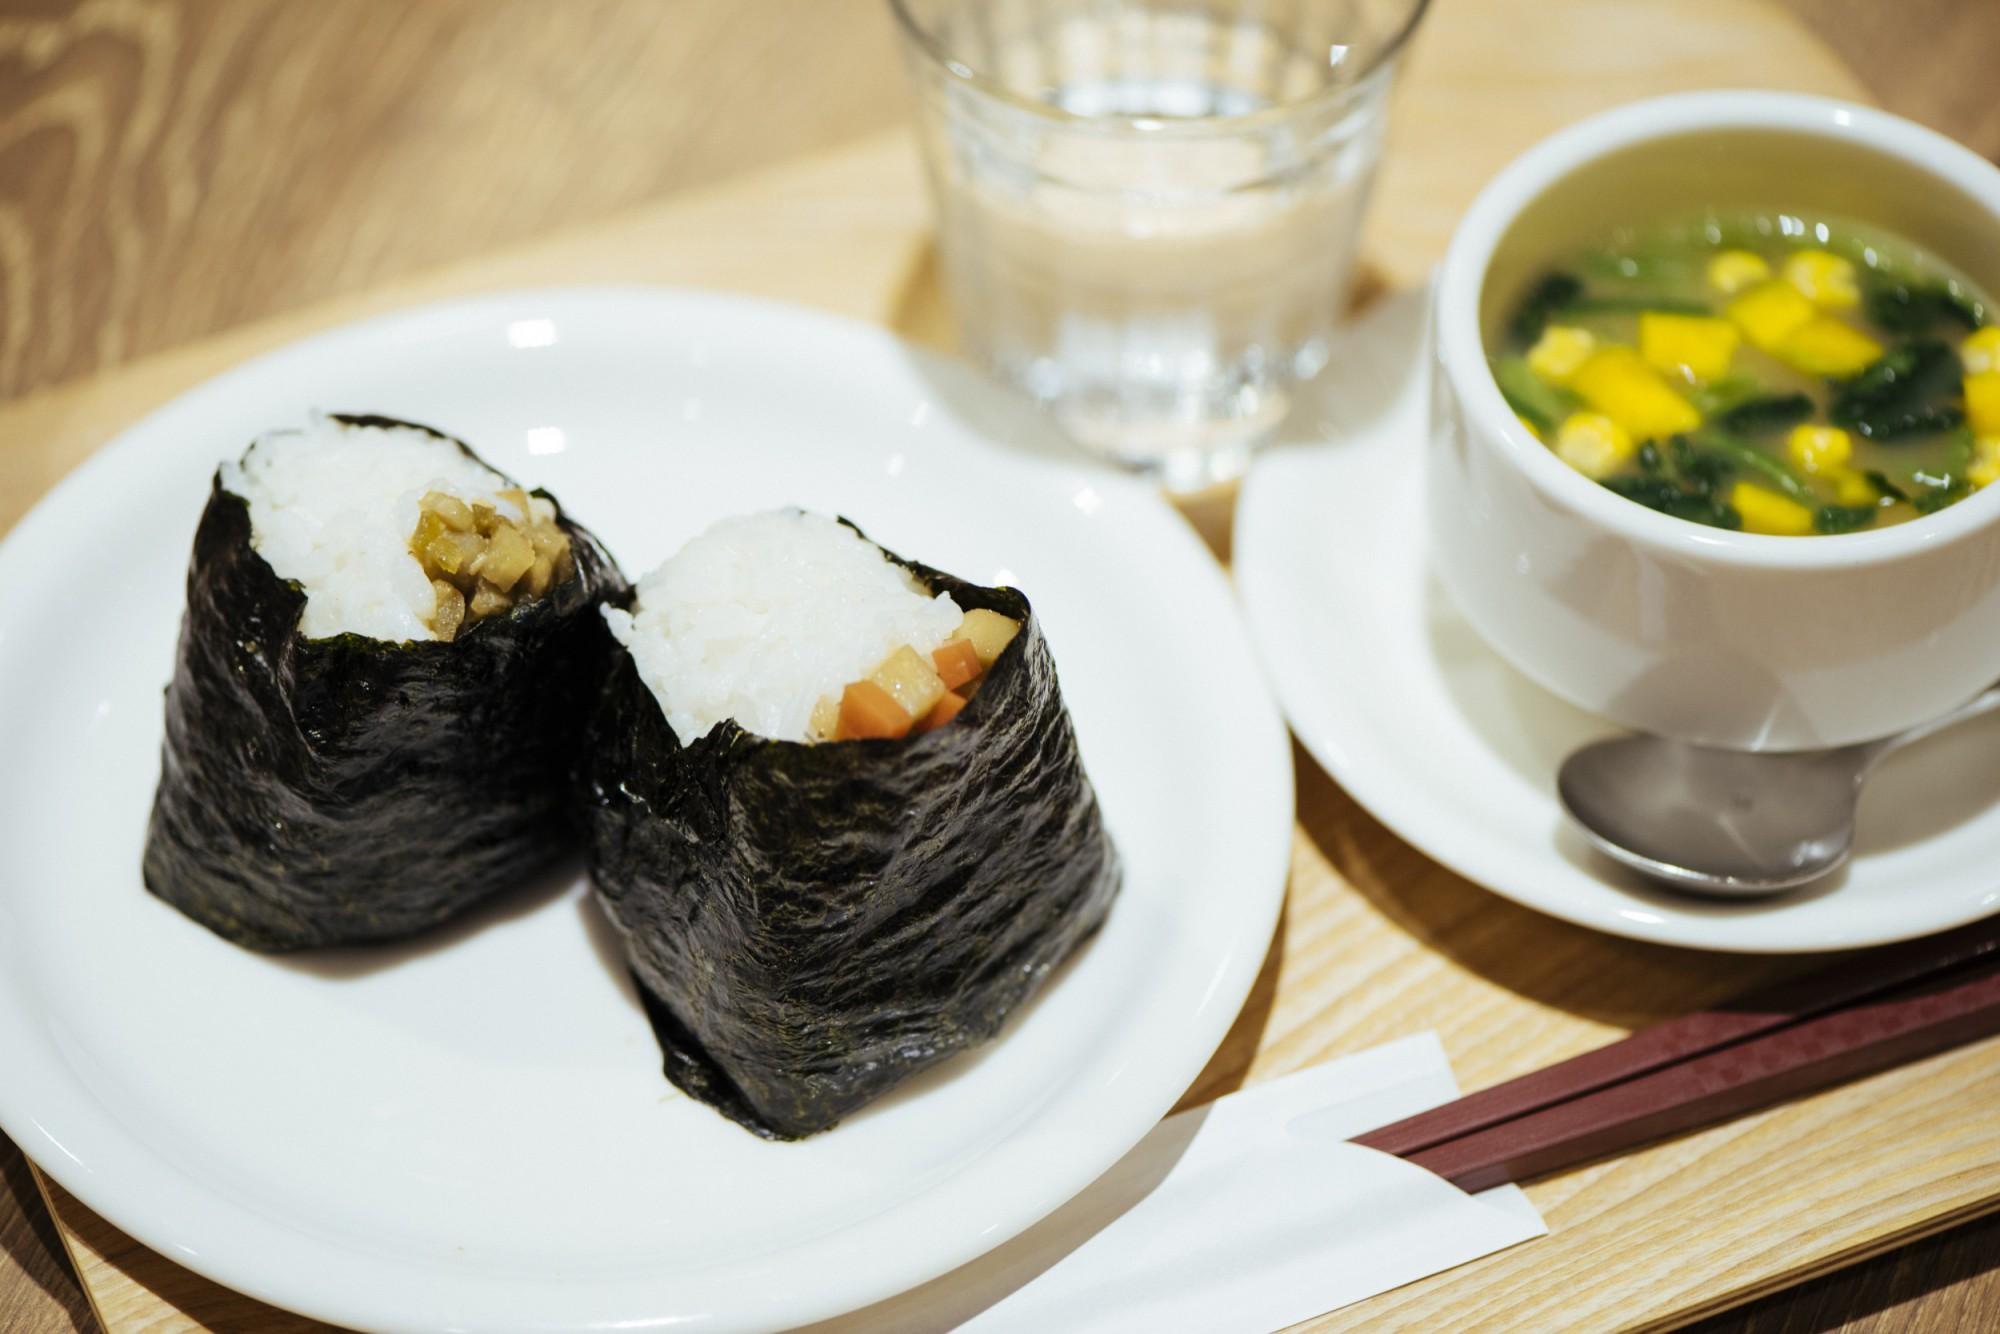 おにぎりには、こしひかりより、ふっくら炊ける金芽米を使用。体が温まるベジタブルチャウダーとセットで650円。